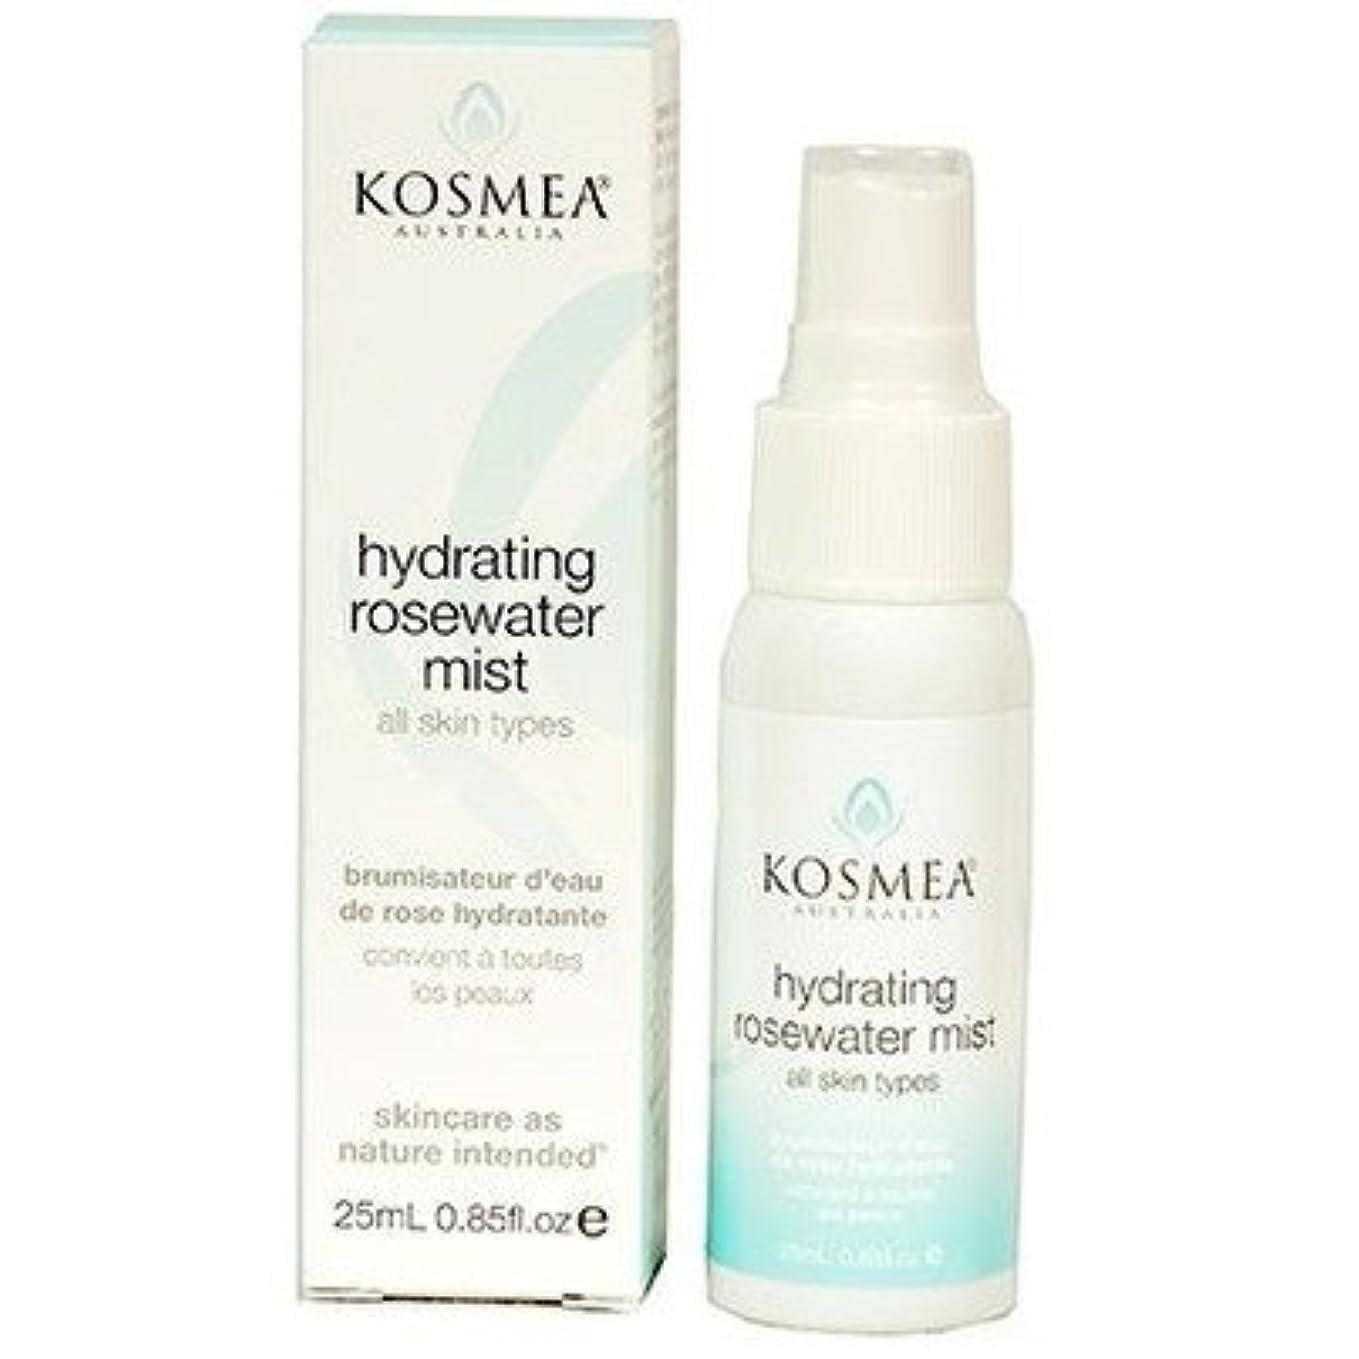 サミュエル好き軽蔑する[KOSMEA] Hydrating Rosewater Mist 25ml コスメア ハイドレイティング ローズウォーターミスト 25ml【並行輸入品】【海外直送品】